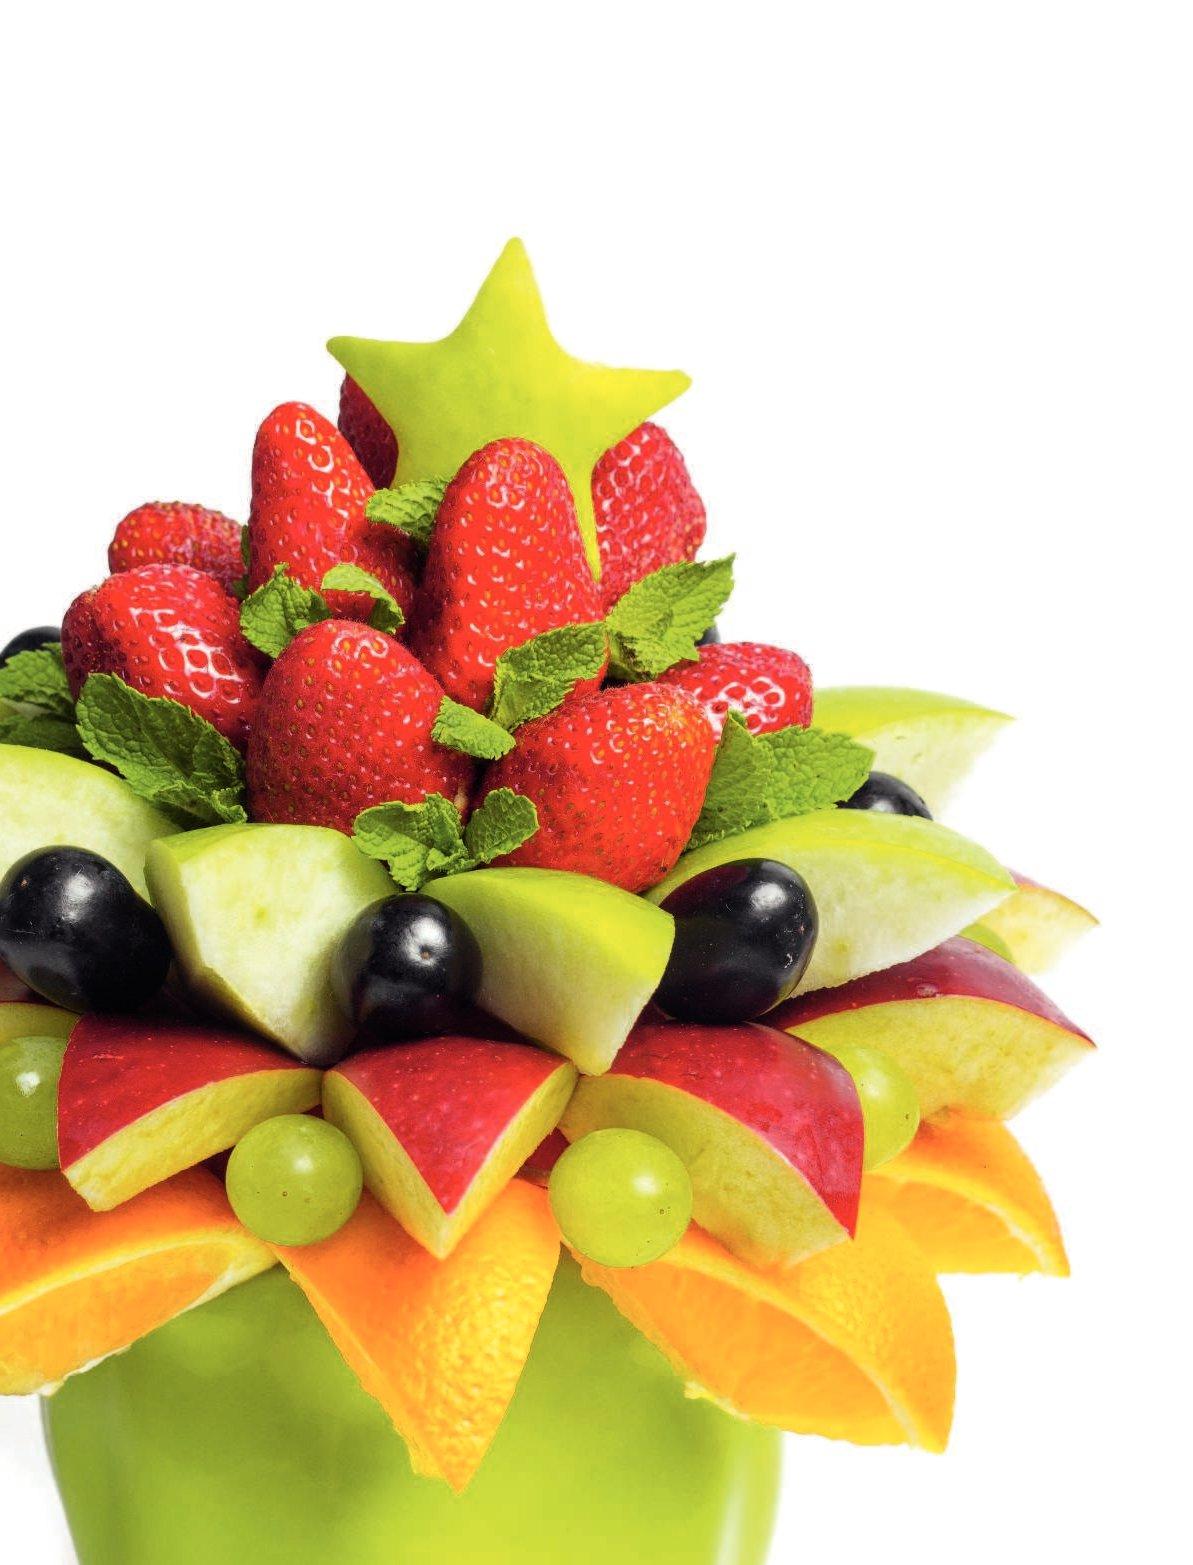 оформление блюд из фруктов фото картинки взять бонистику как